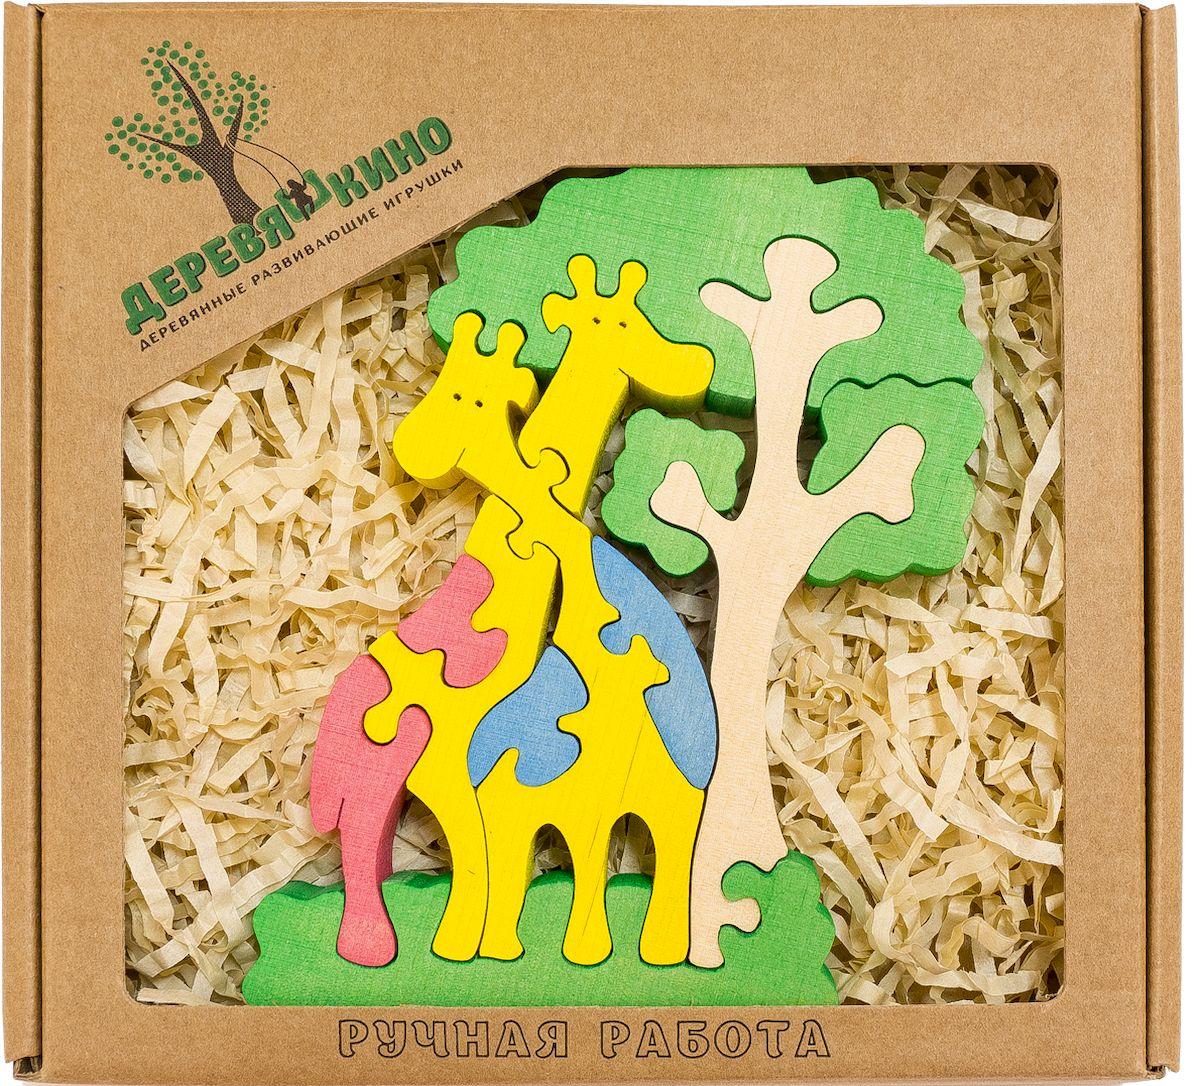 Деревяшкино Пазл для малышей Жирафы и дерево560Развивающая деревянная головоломка Жираф и Дерево (средней степени сложности) подходит для мальчиков и девочек в возрасте 3-5лет, состоит из 11 деталей. Экологически чистый продукт: изготовлено вручную из массива березы. Игрушка раскрашена пищевой водостойкой краской, что делает взаимодействие с изделием абсолютно безопасным: никаких лаков, «химии» или добавок. Процесс сборки деревянной головоломки развивает: тактильную сенсорику, внимательность, усидчивость, пространственное мышление, мелкую моторику, а так же учит различать элементы по цвету, форме и размеру. С продукцией компании Деревяшкино, Ваши детки развиваются, играя без риска для здоровья.